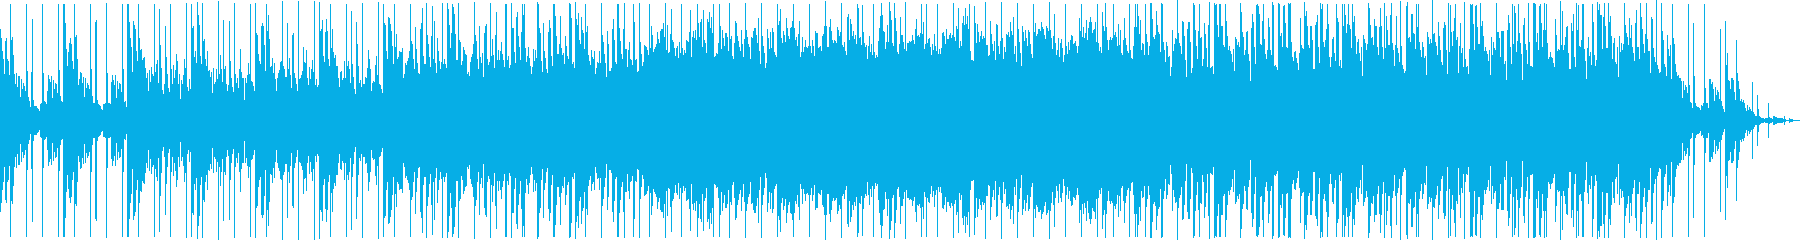 和ものオーケストラBGMの再生済みの波形